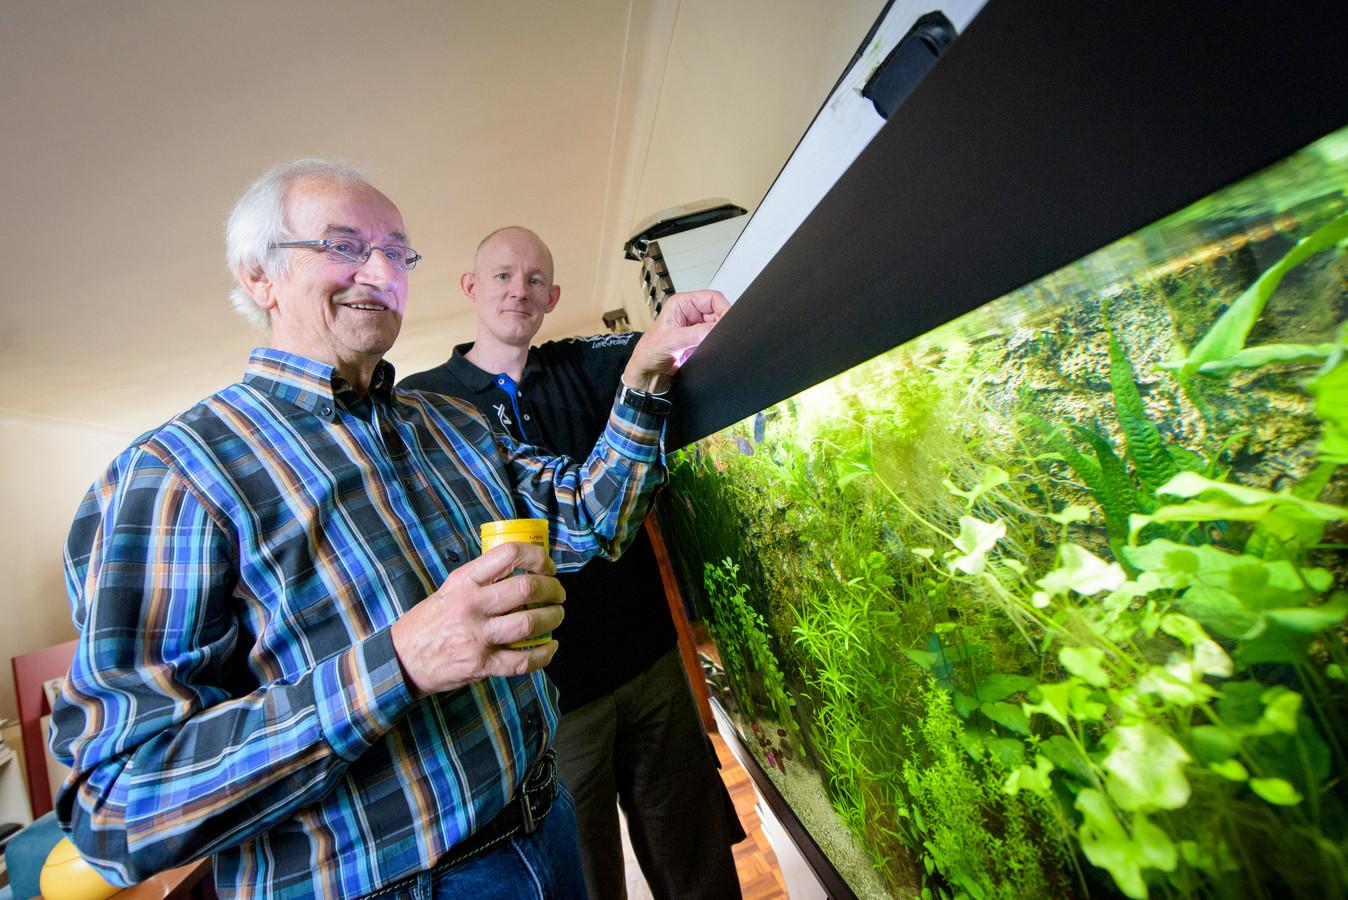 Voorzitter Ferdie Gosselink van aquariumvereniging Vivarium, met achter hem Dennis Louwers.